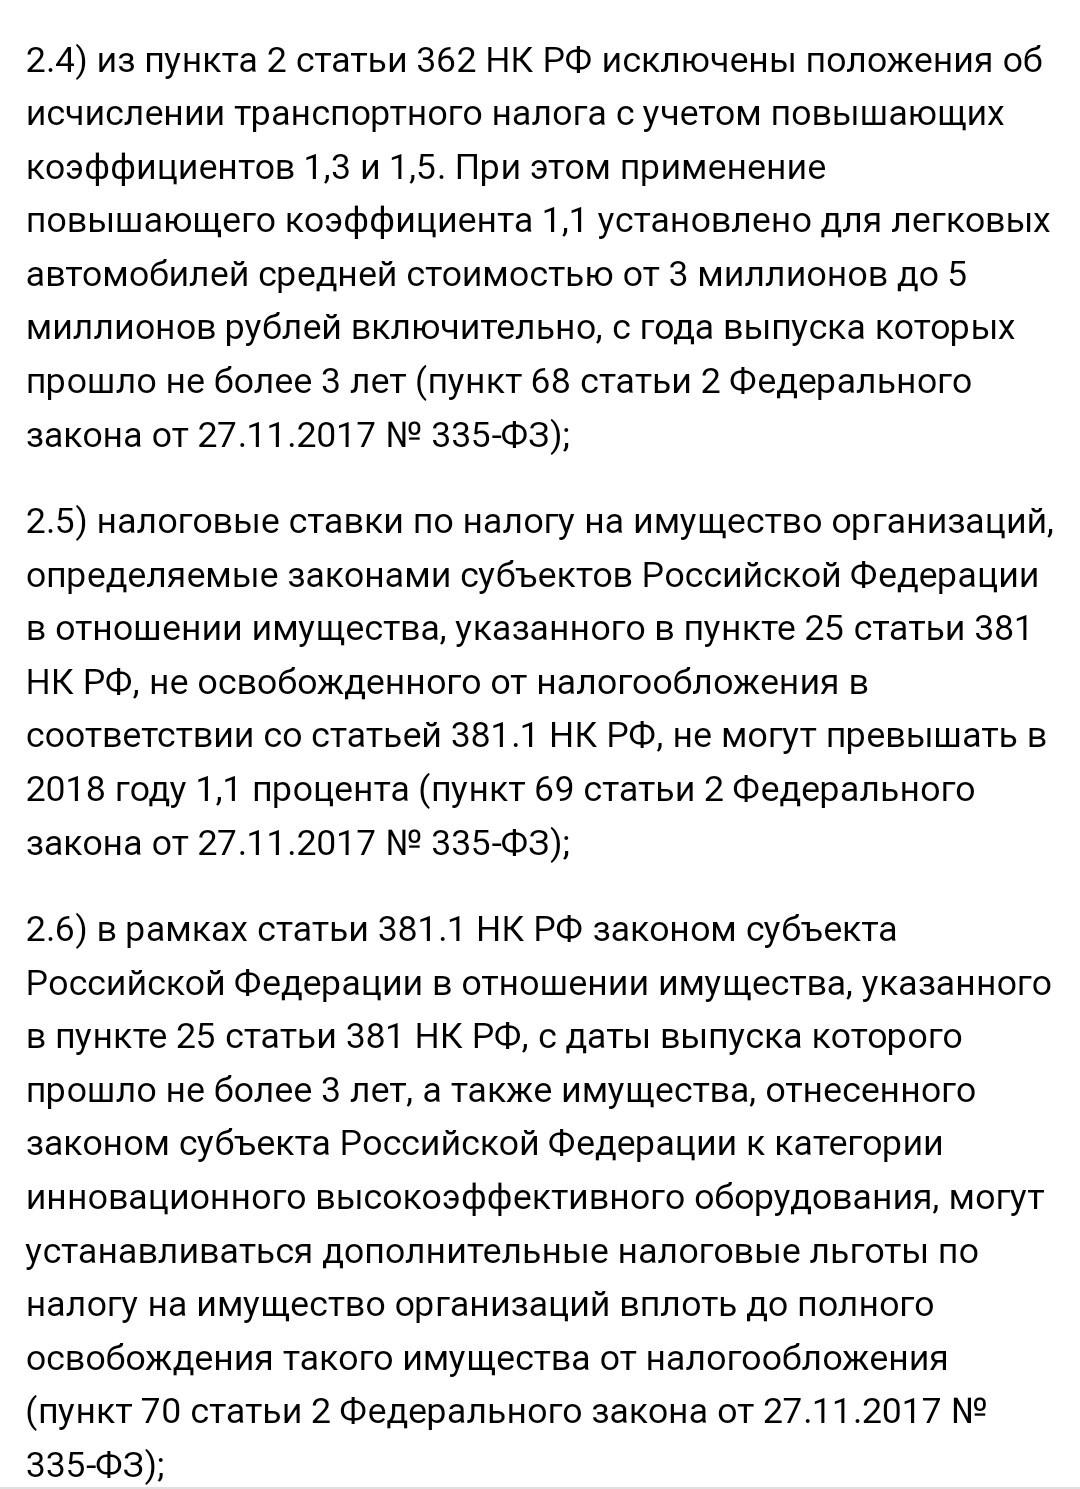 Отменят ли транспортный налог в 2018 году в России